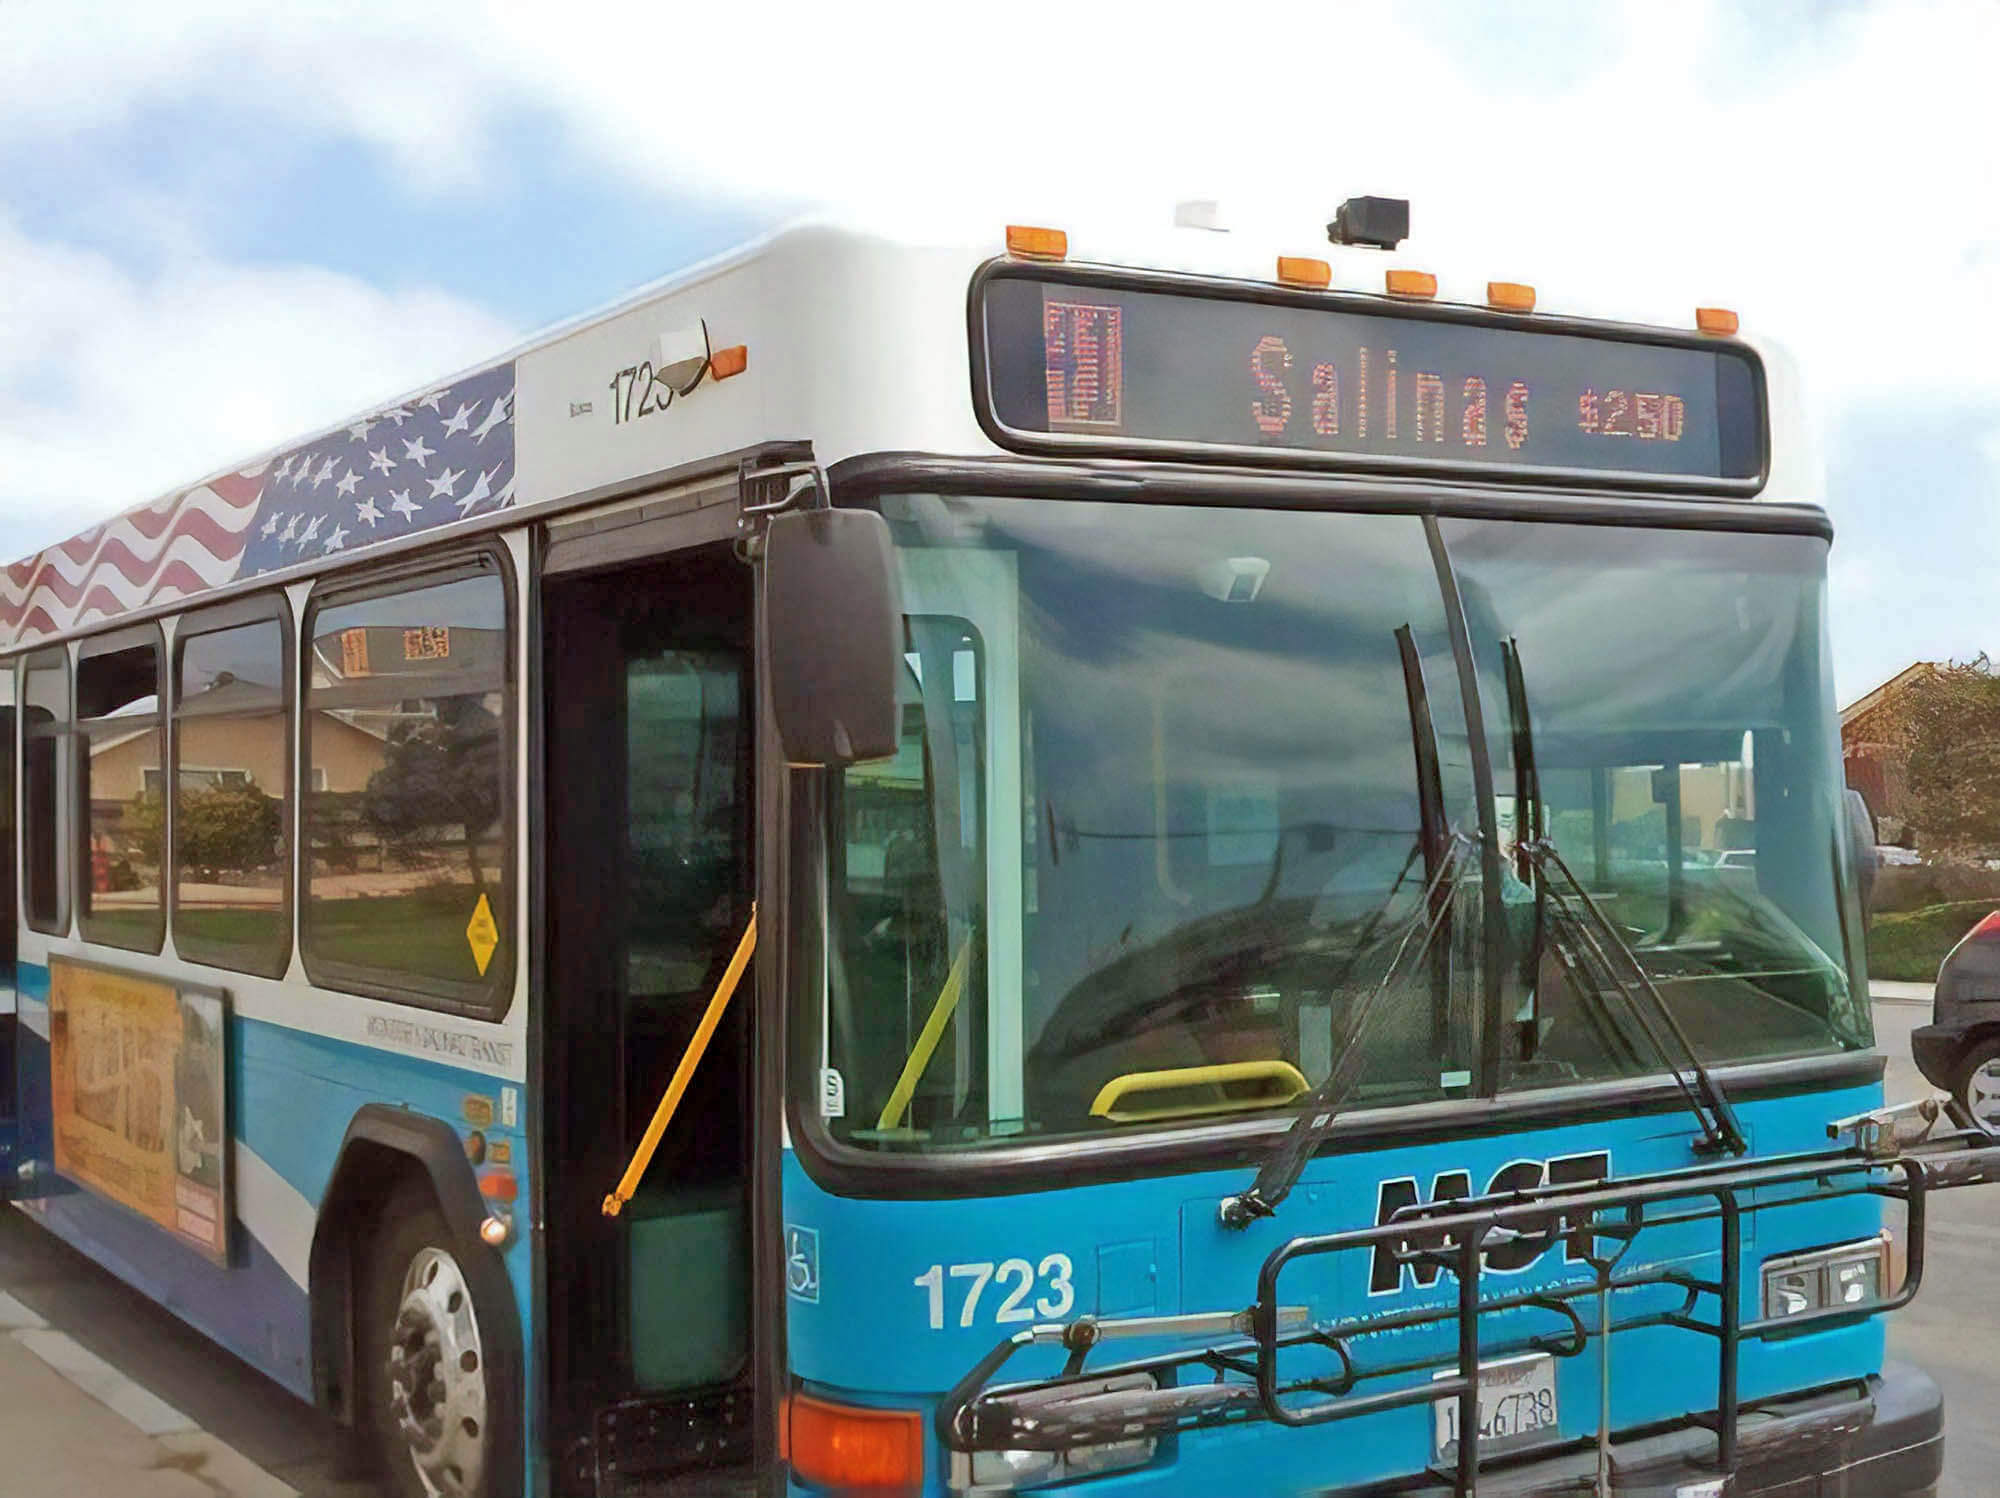 Автобусы тут есть, но на них никто не ездит. Источник: thecalifornian.com